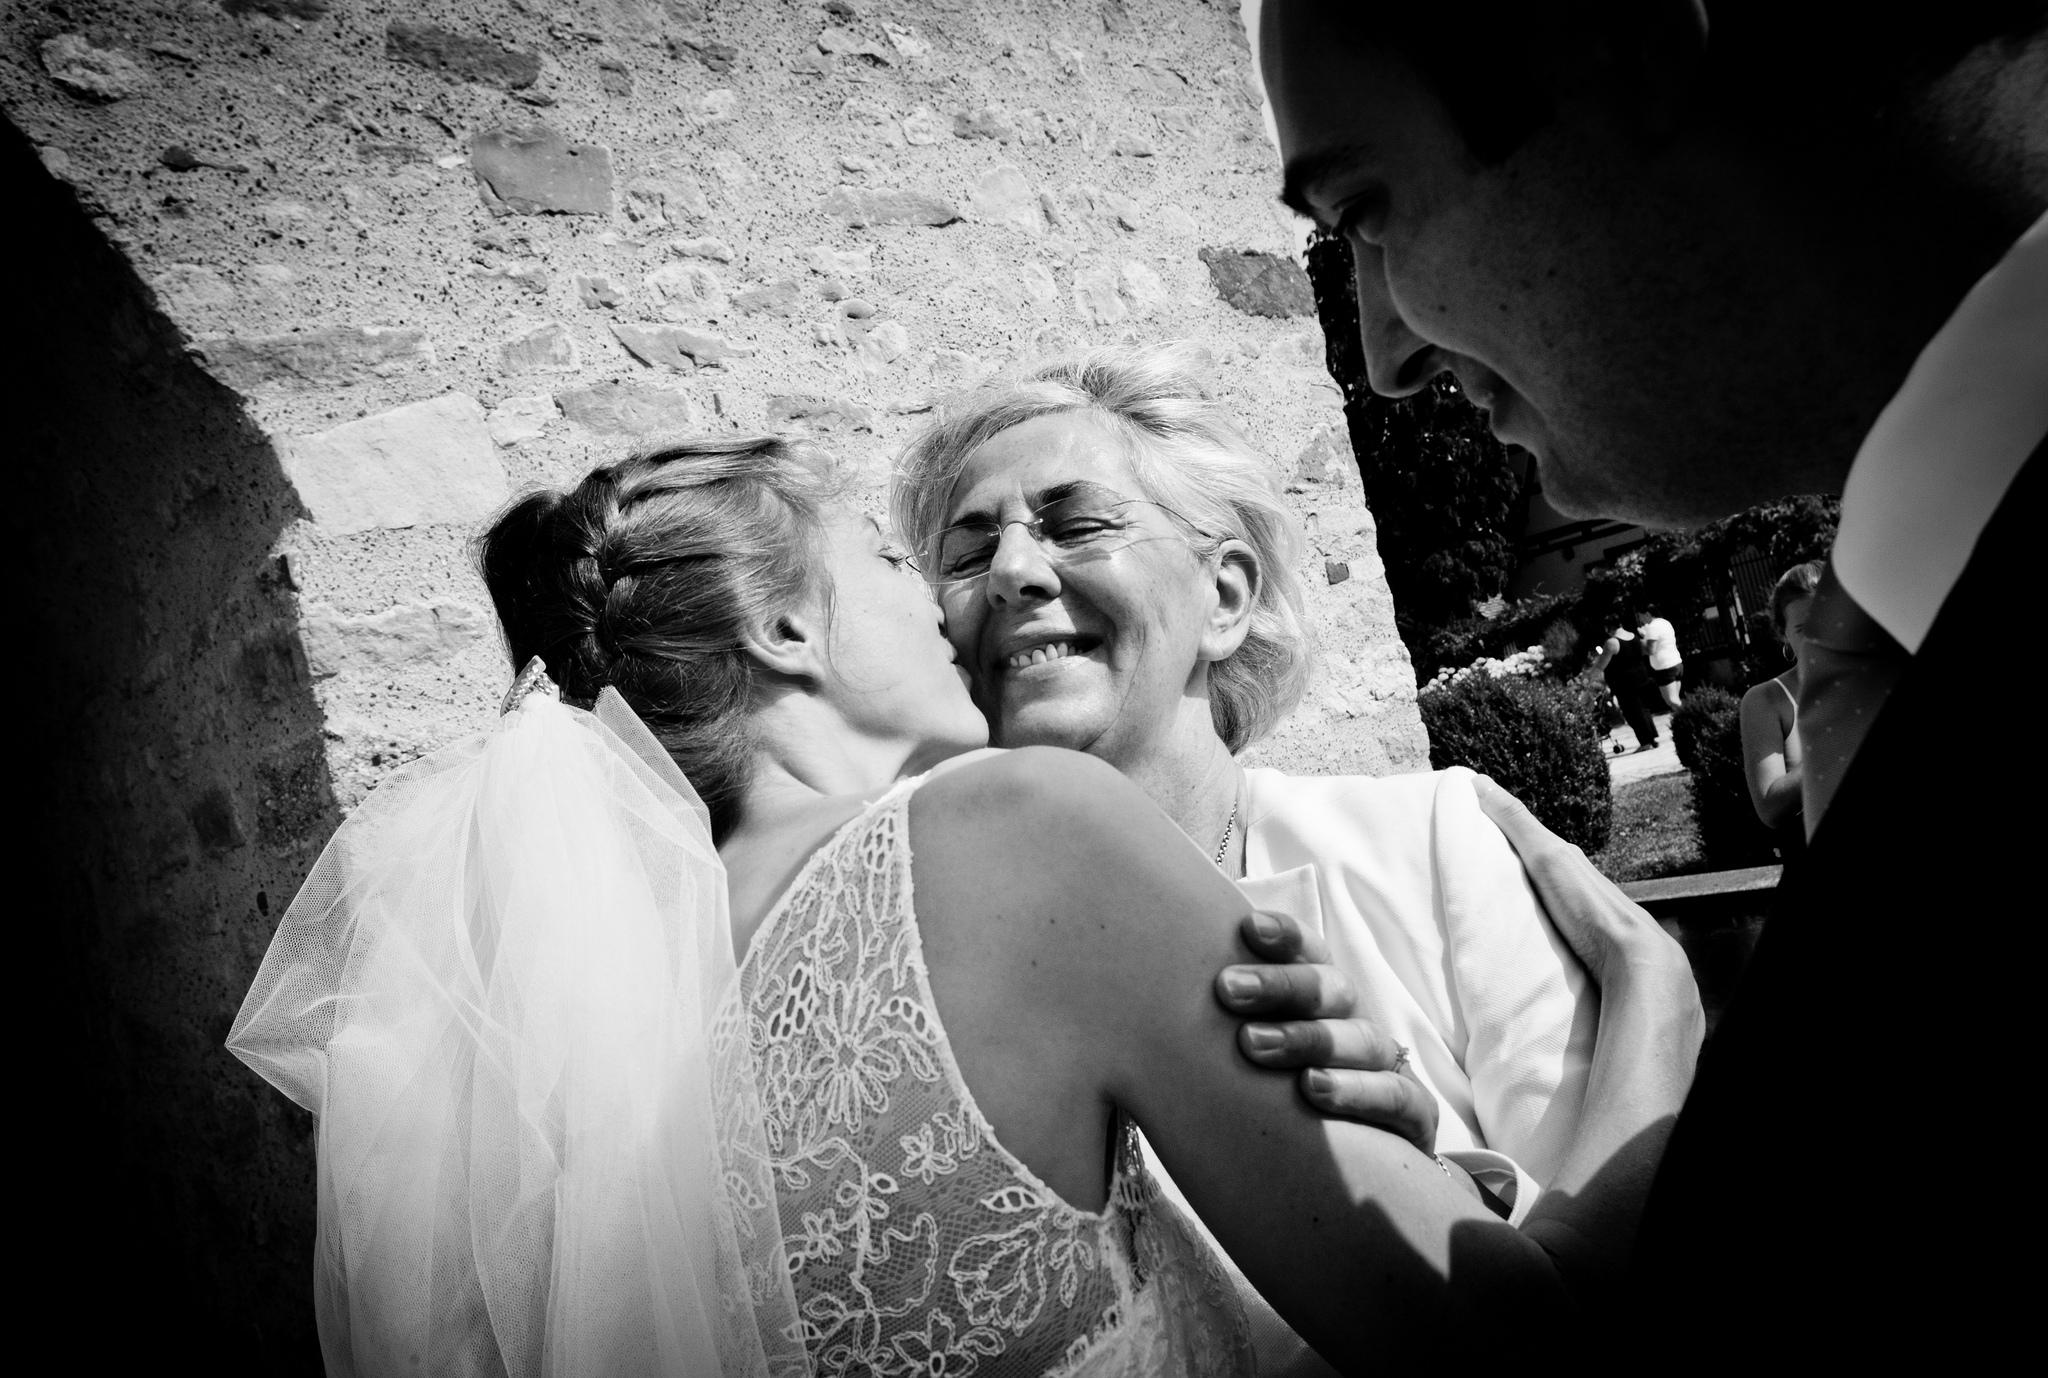 Pour notre mariage, il y aura un photographe et un vidéaste professionnels !